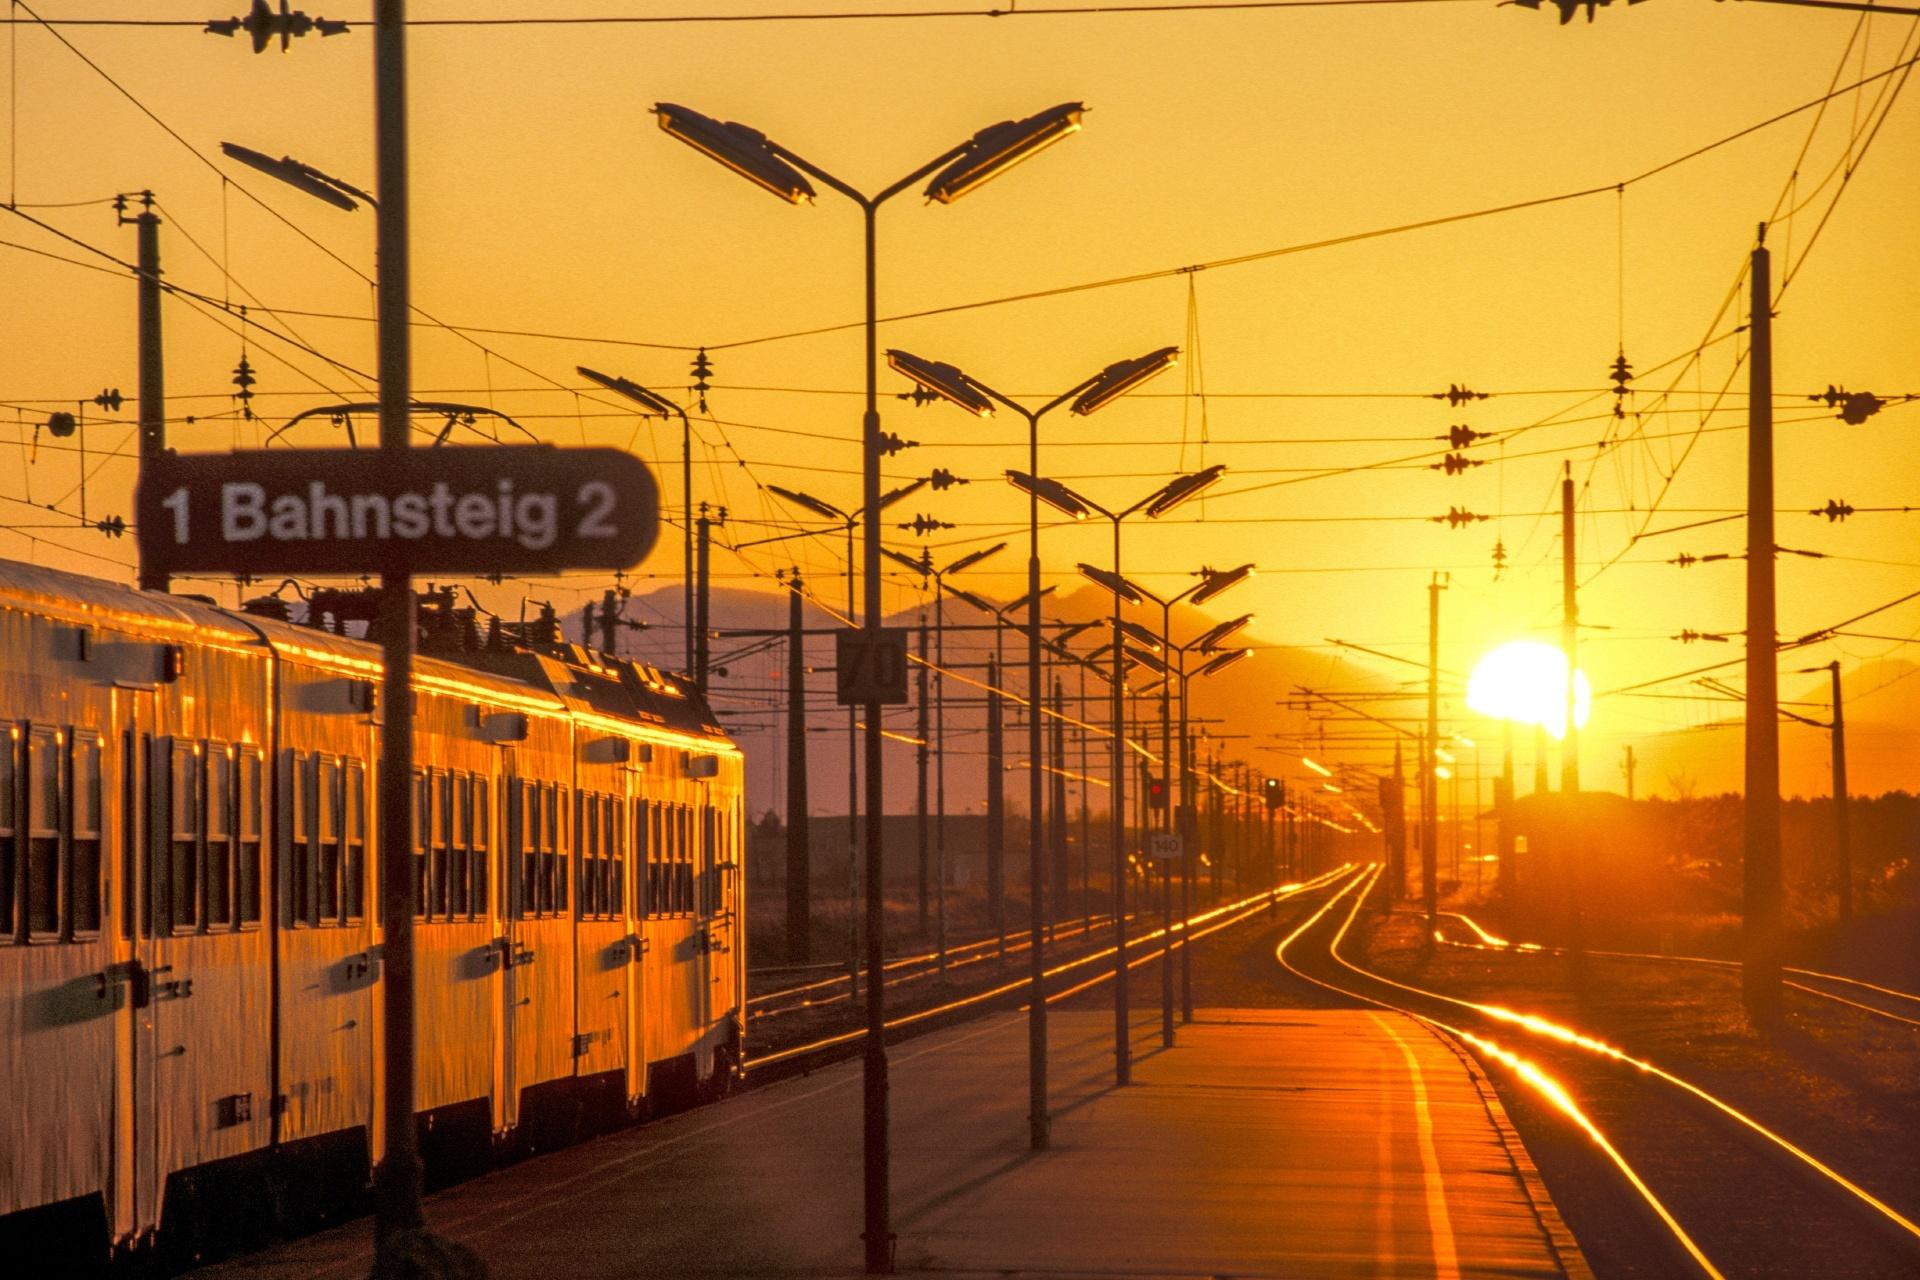 夕暮れの駅の風景 オーストリアの風景